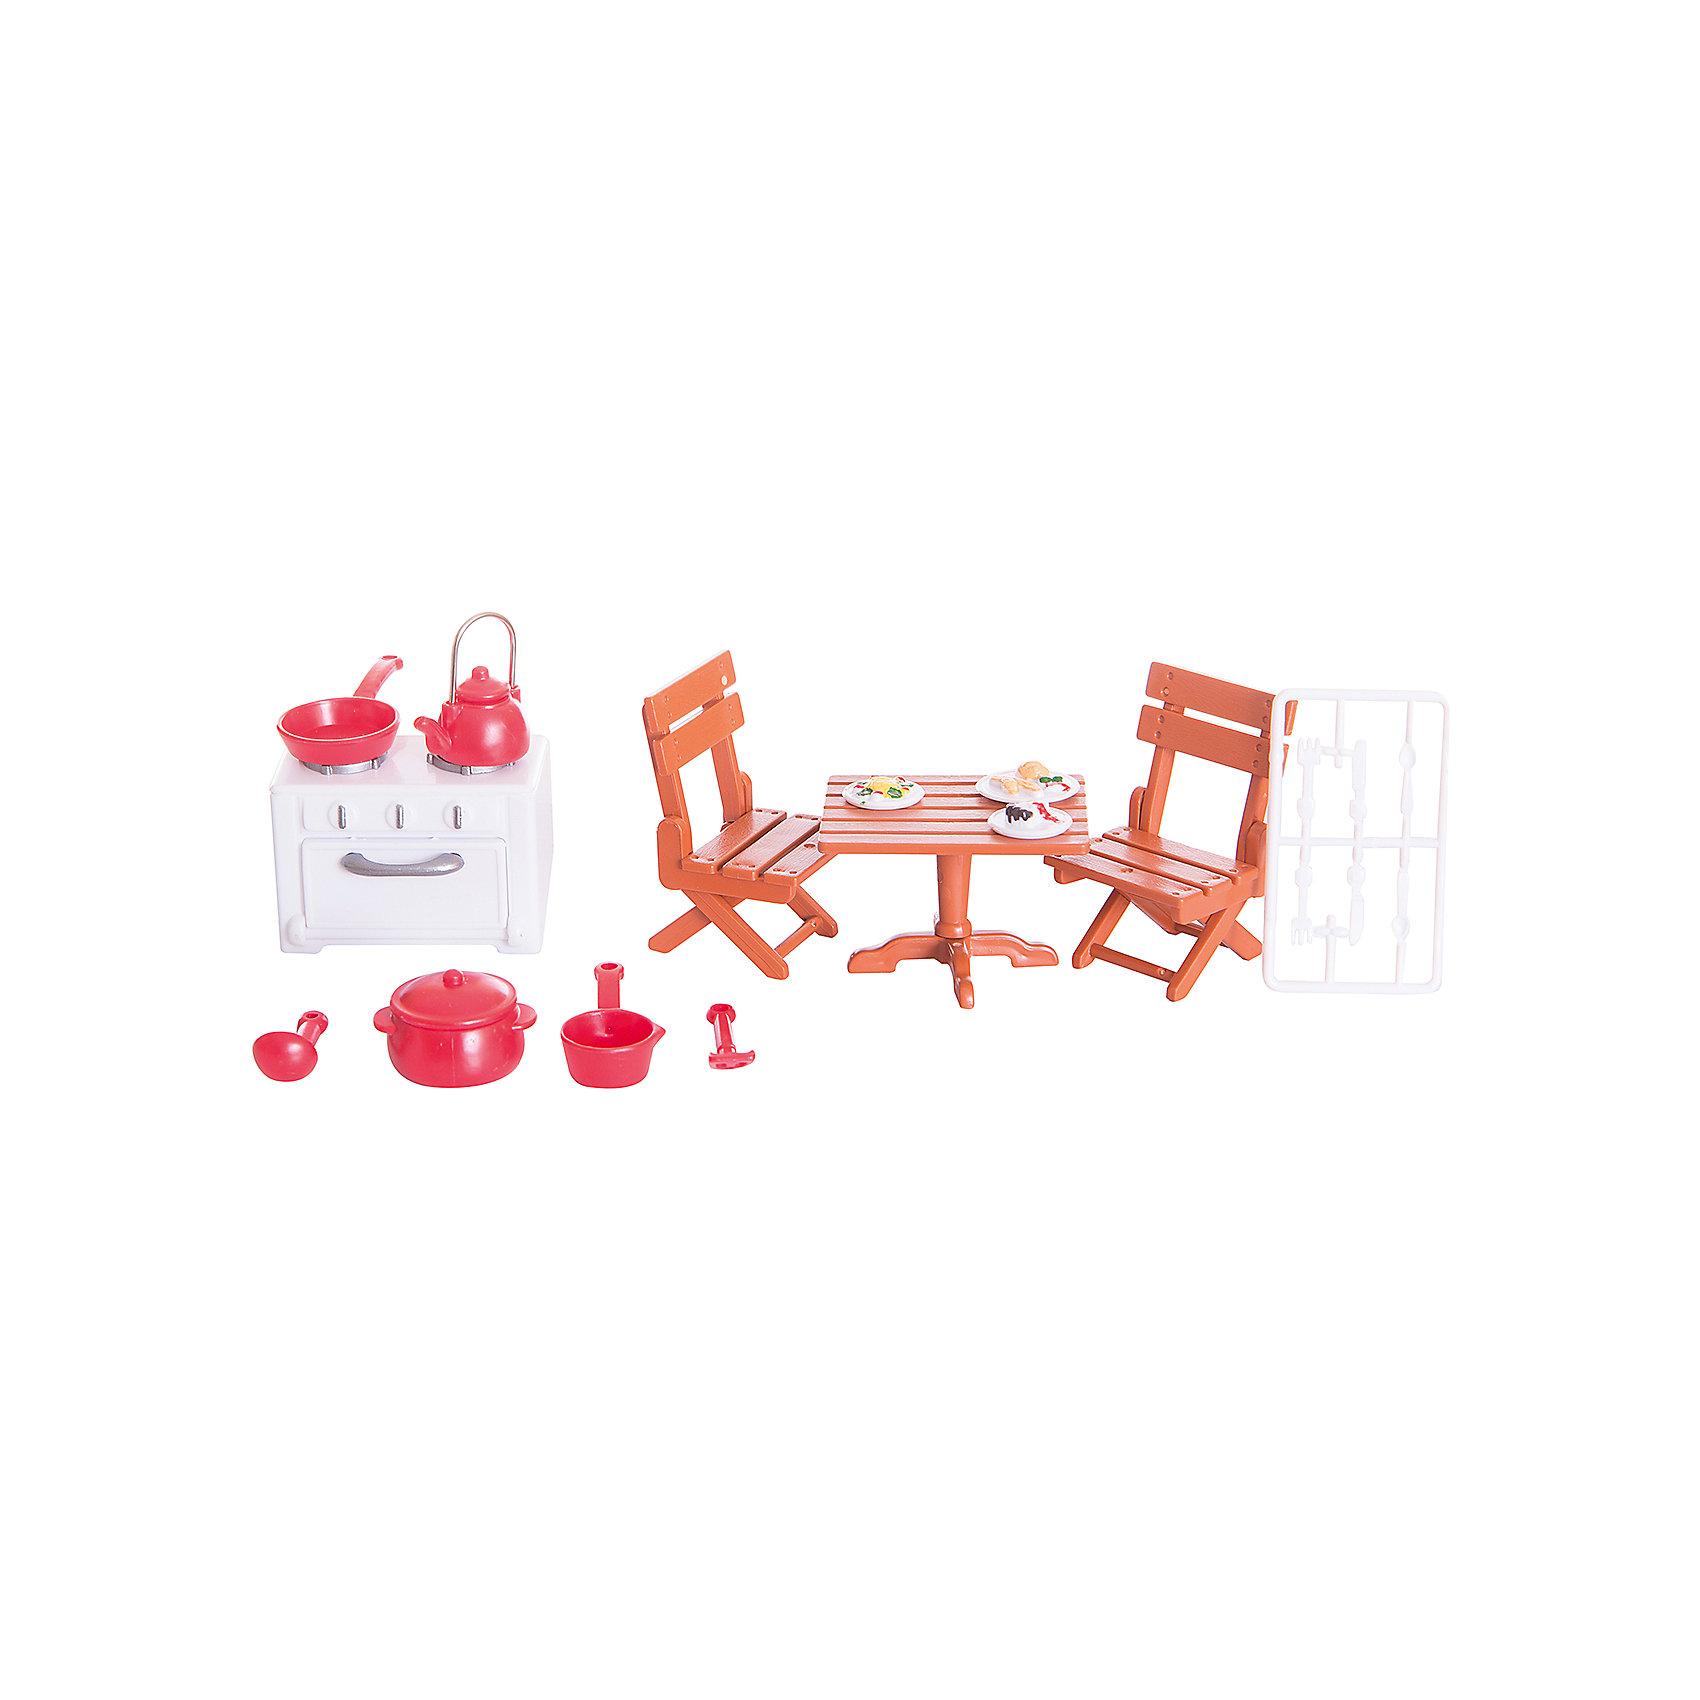 - Набор мебели для гостиной № 2, с аксессурами, Счастливые друзья, ABtoys